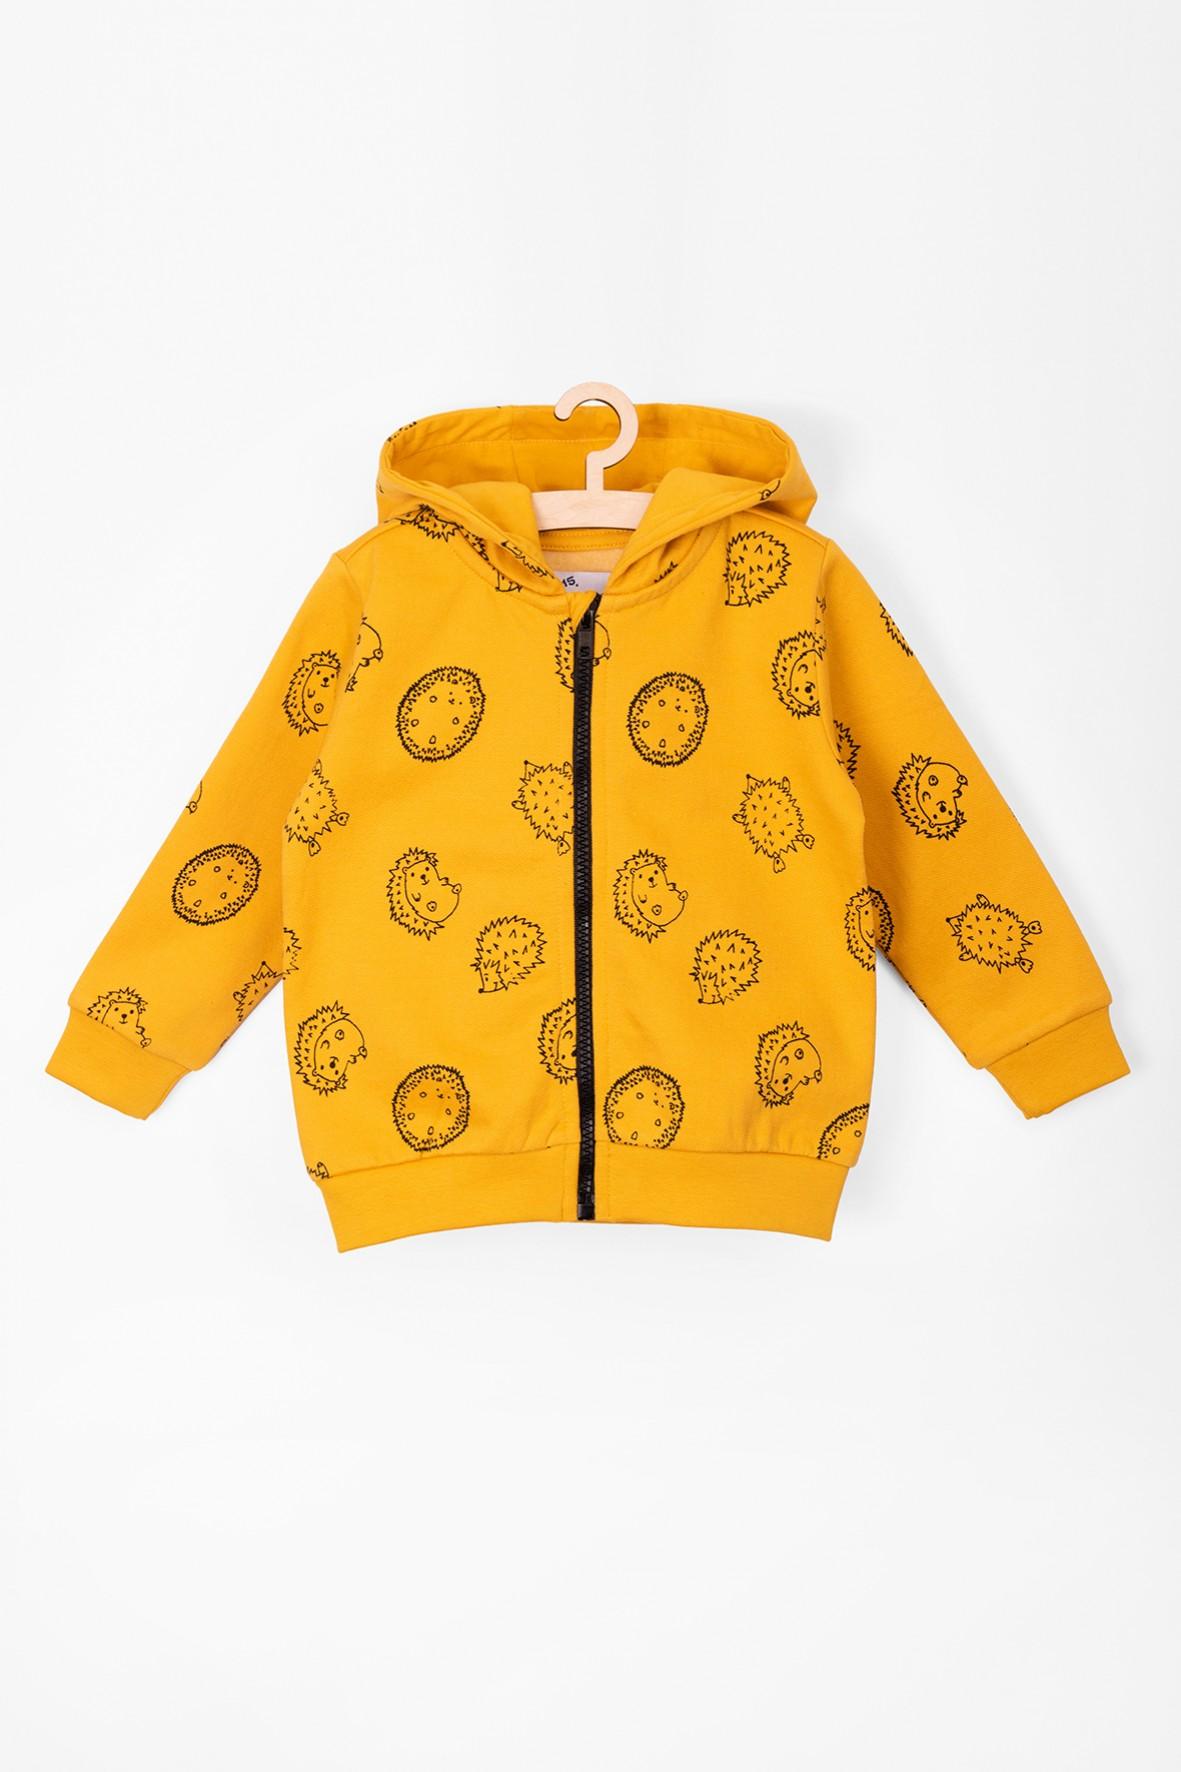 Bluza rozpinana dla niemowlaka-żółta w jeżyki